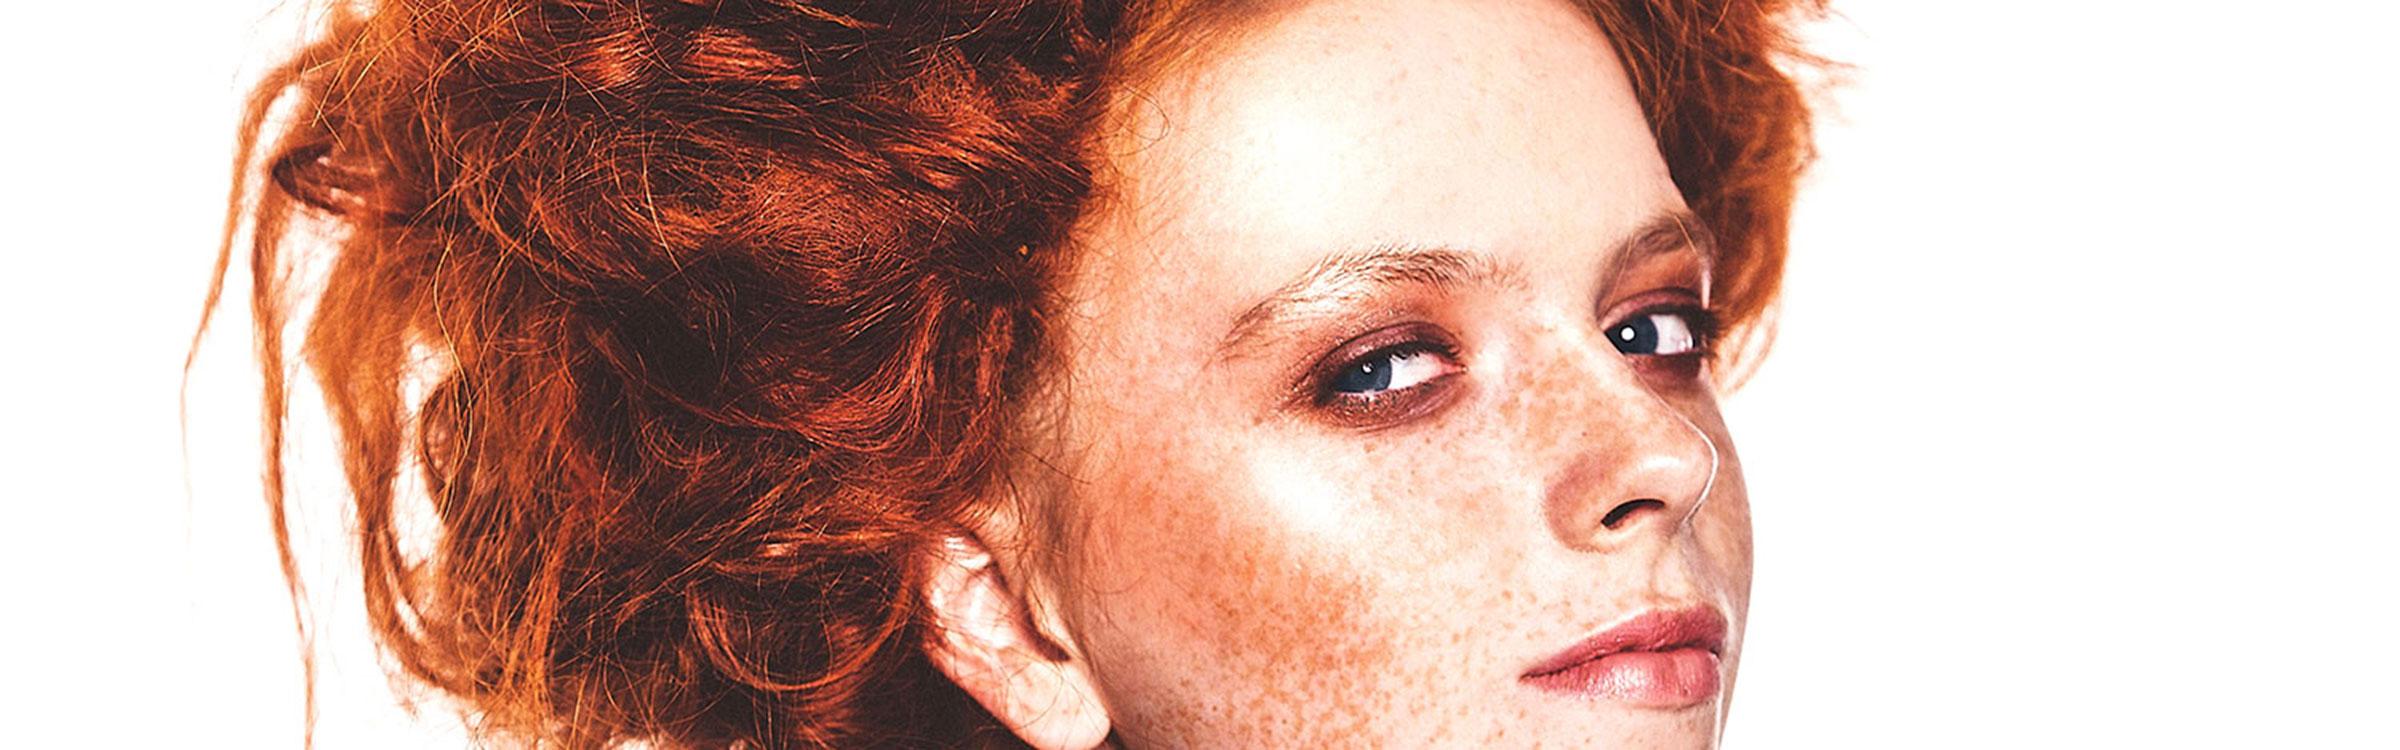 Web skaev redhead mila zed shutterstock